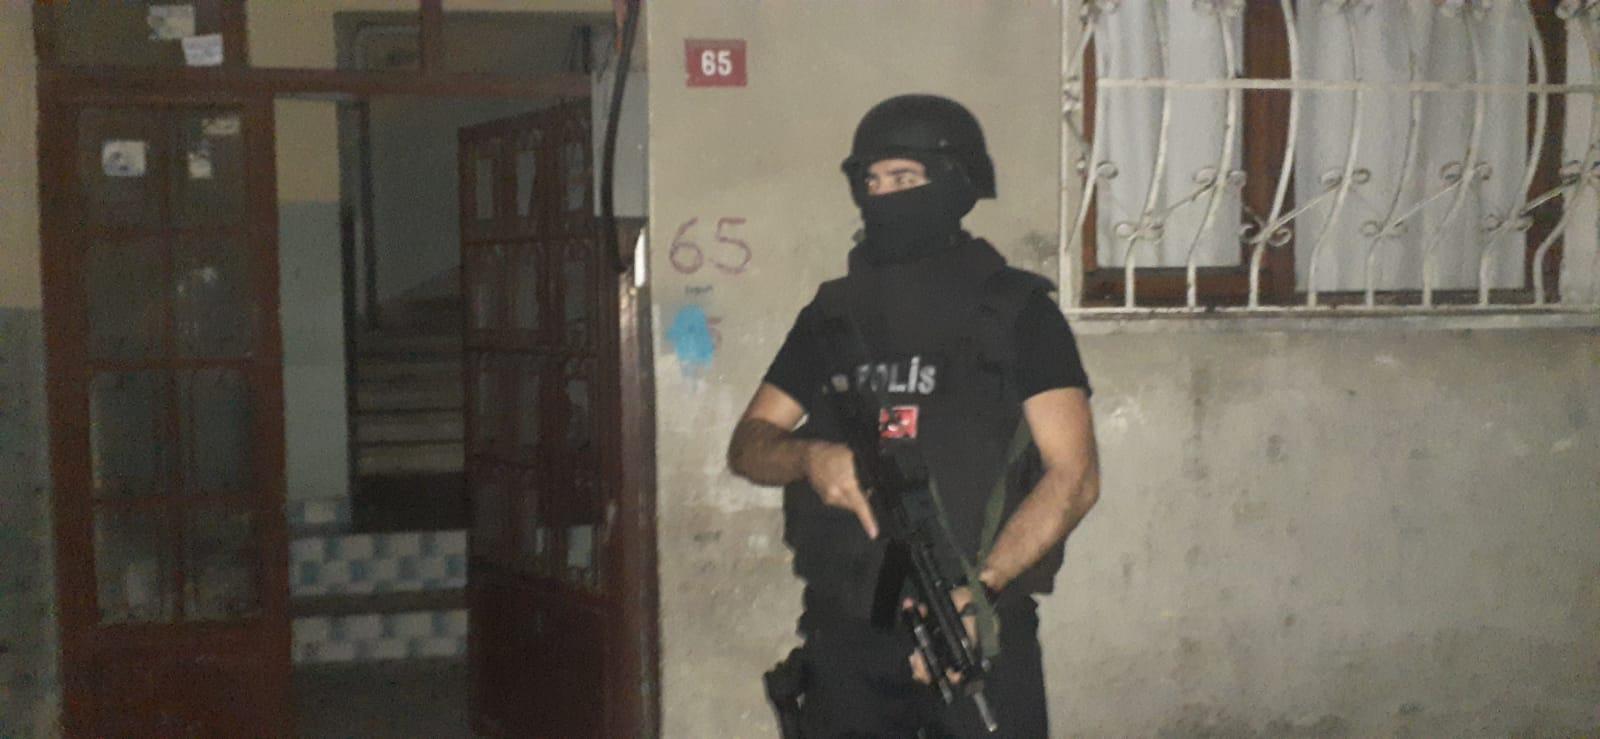 İstanbul'da terör örgütü PKK'ya yönelik operasyonda 6 kişi gözaltına alındı